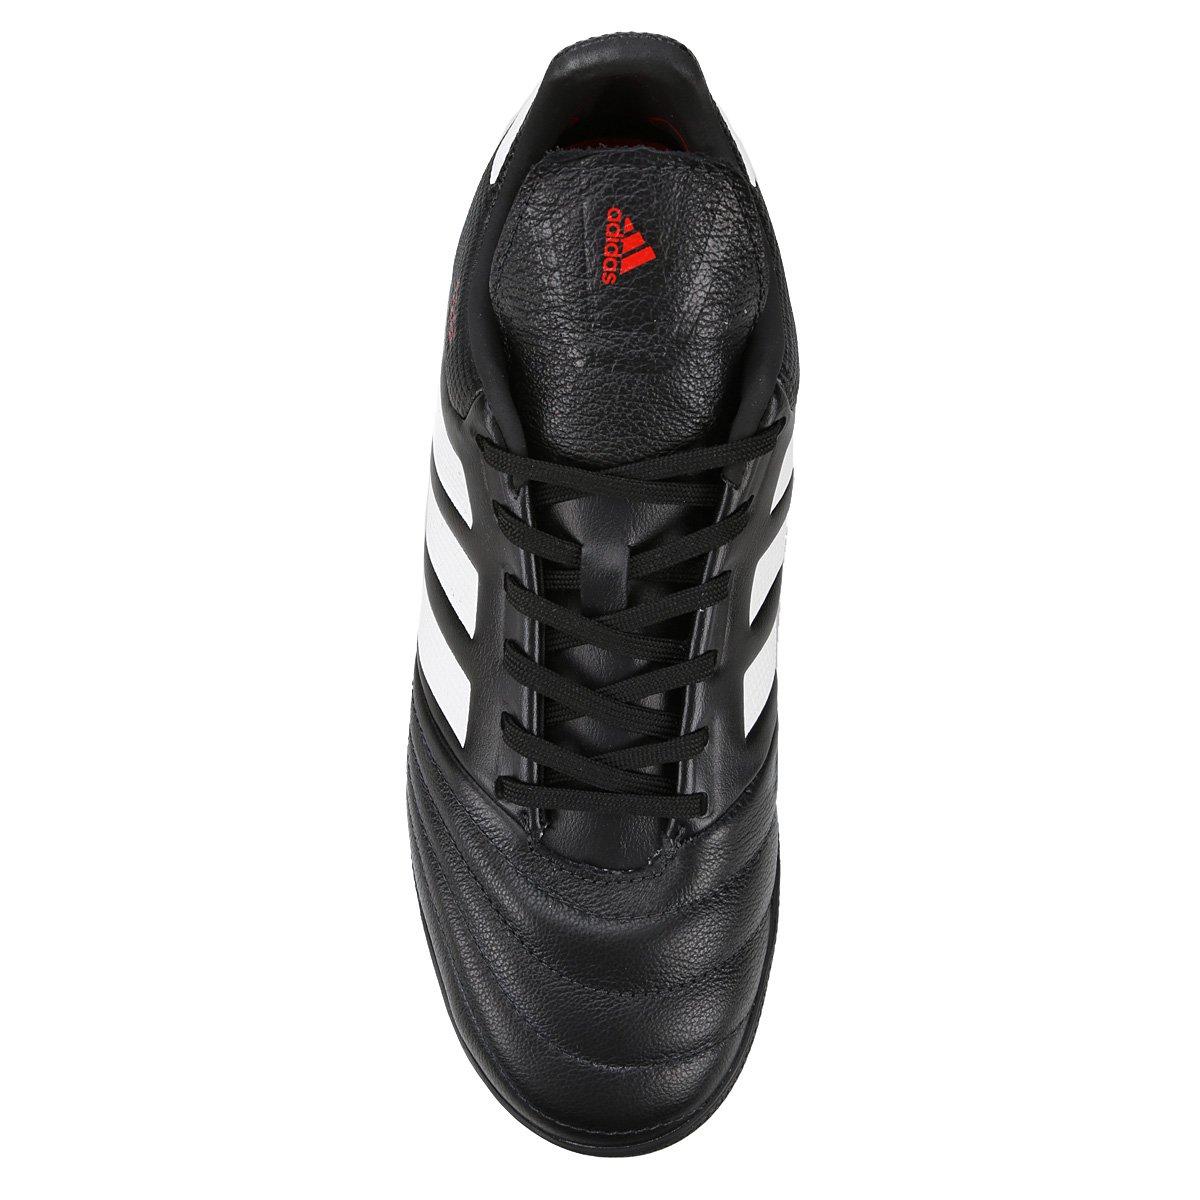 4adea70df3 Chuteira Society Adidas Copa 17.3 TF - Preto e Branco - Compre Agora ...